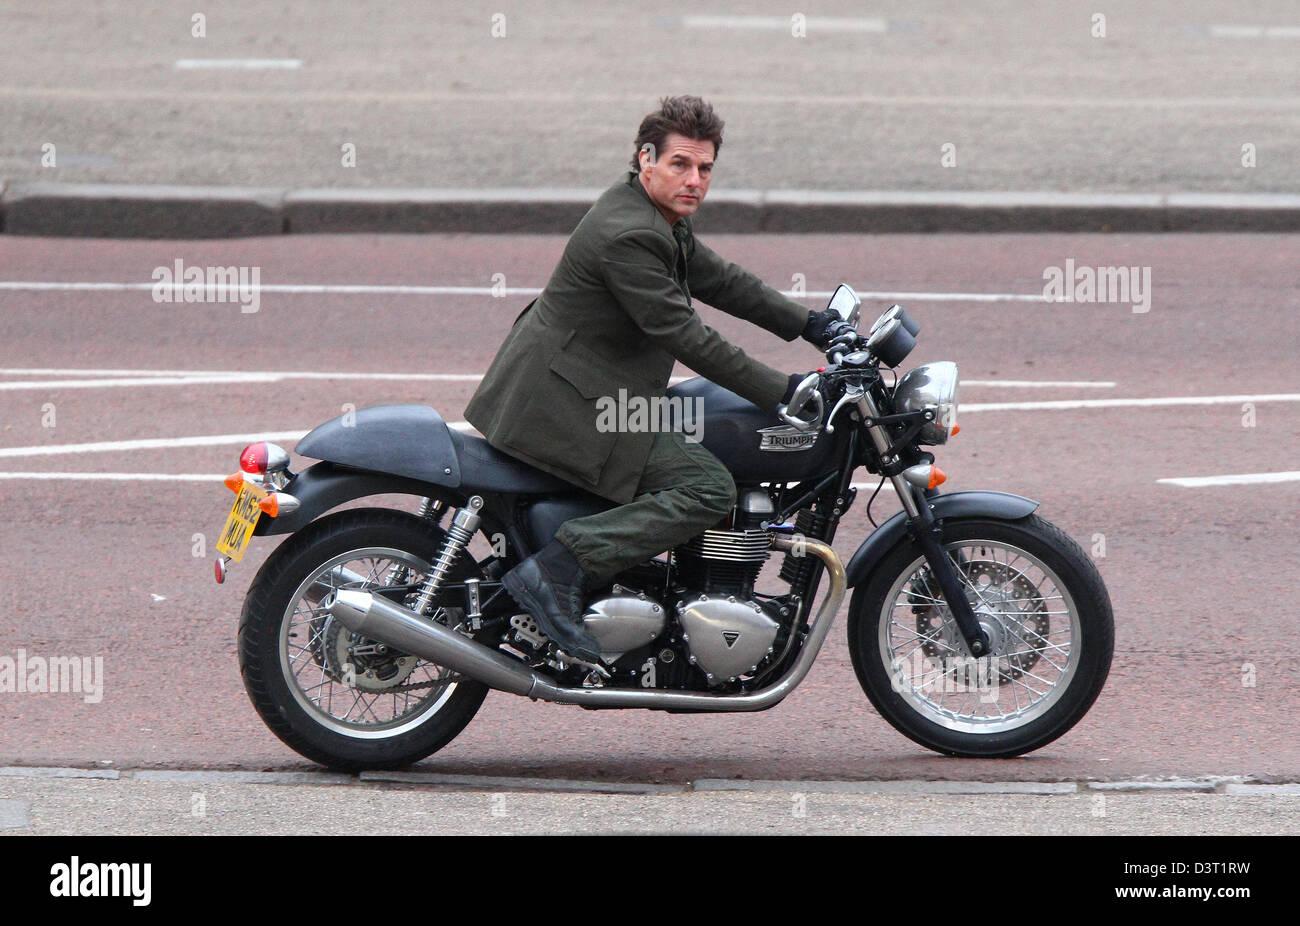 Londres Royaume Uni 24 Février 2013 Tom Cruise Vu à Cheval Sur